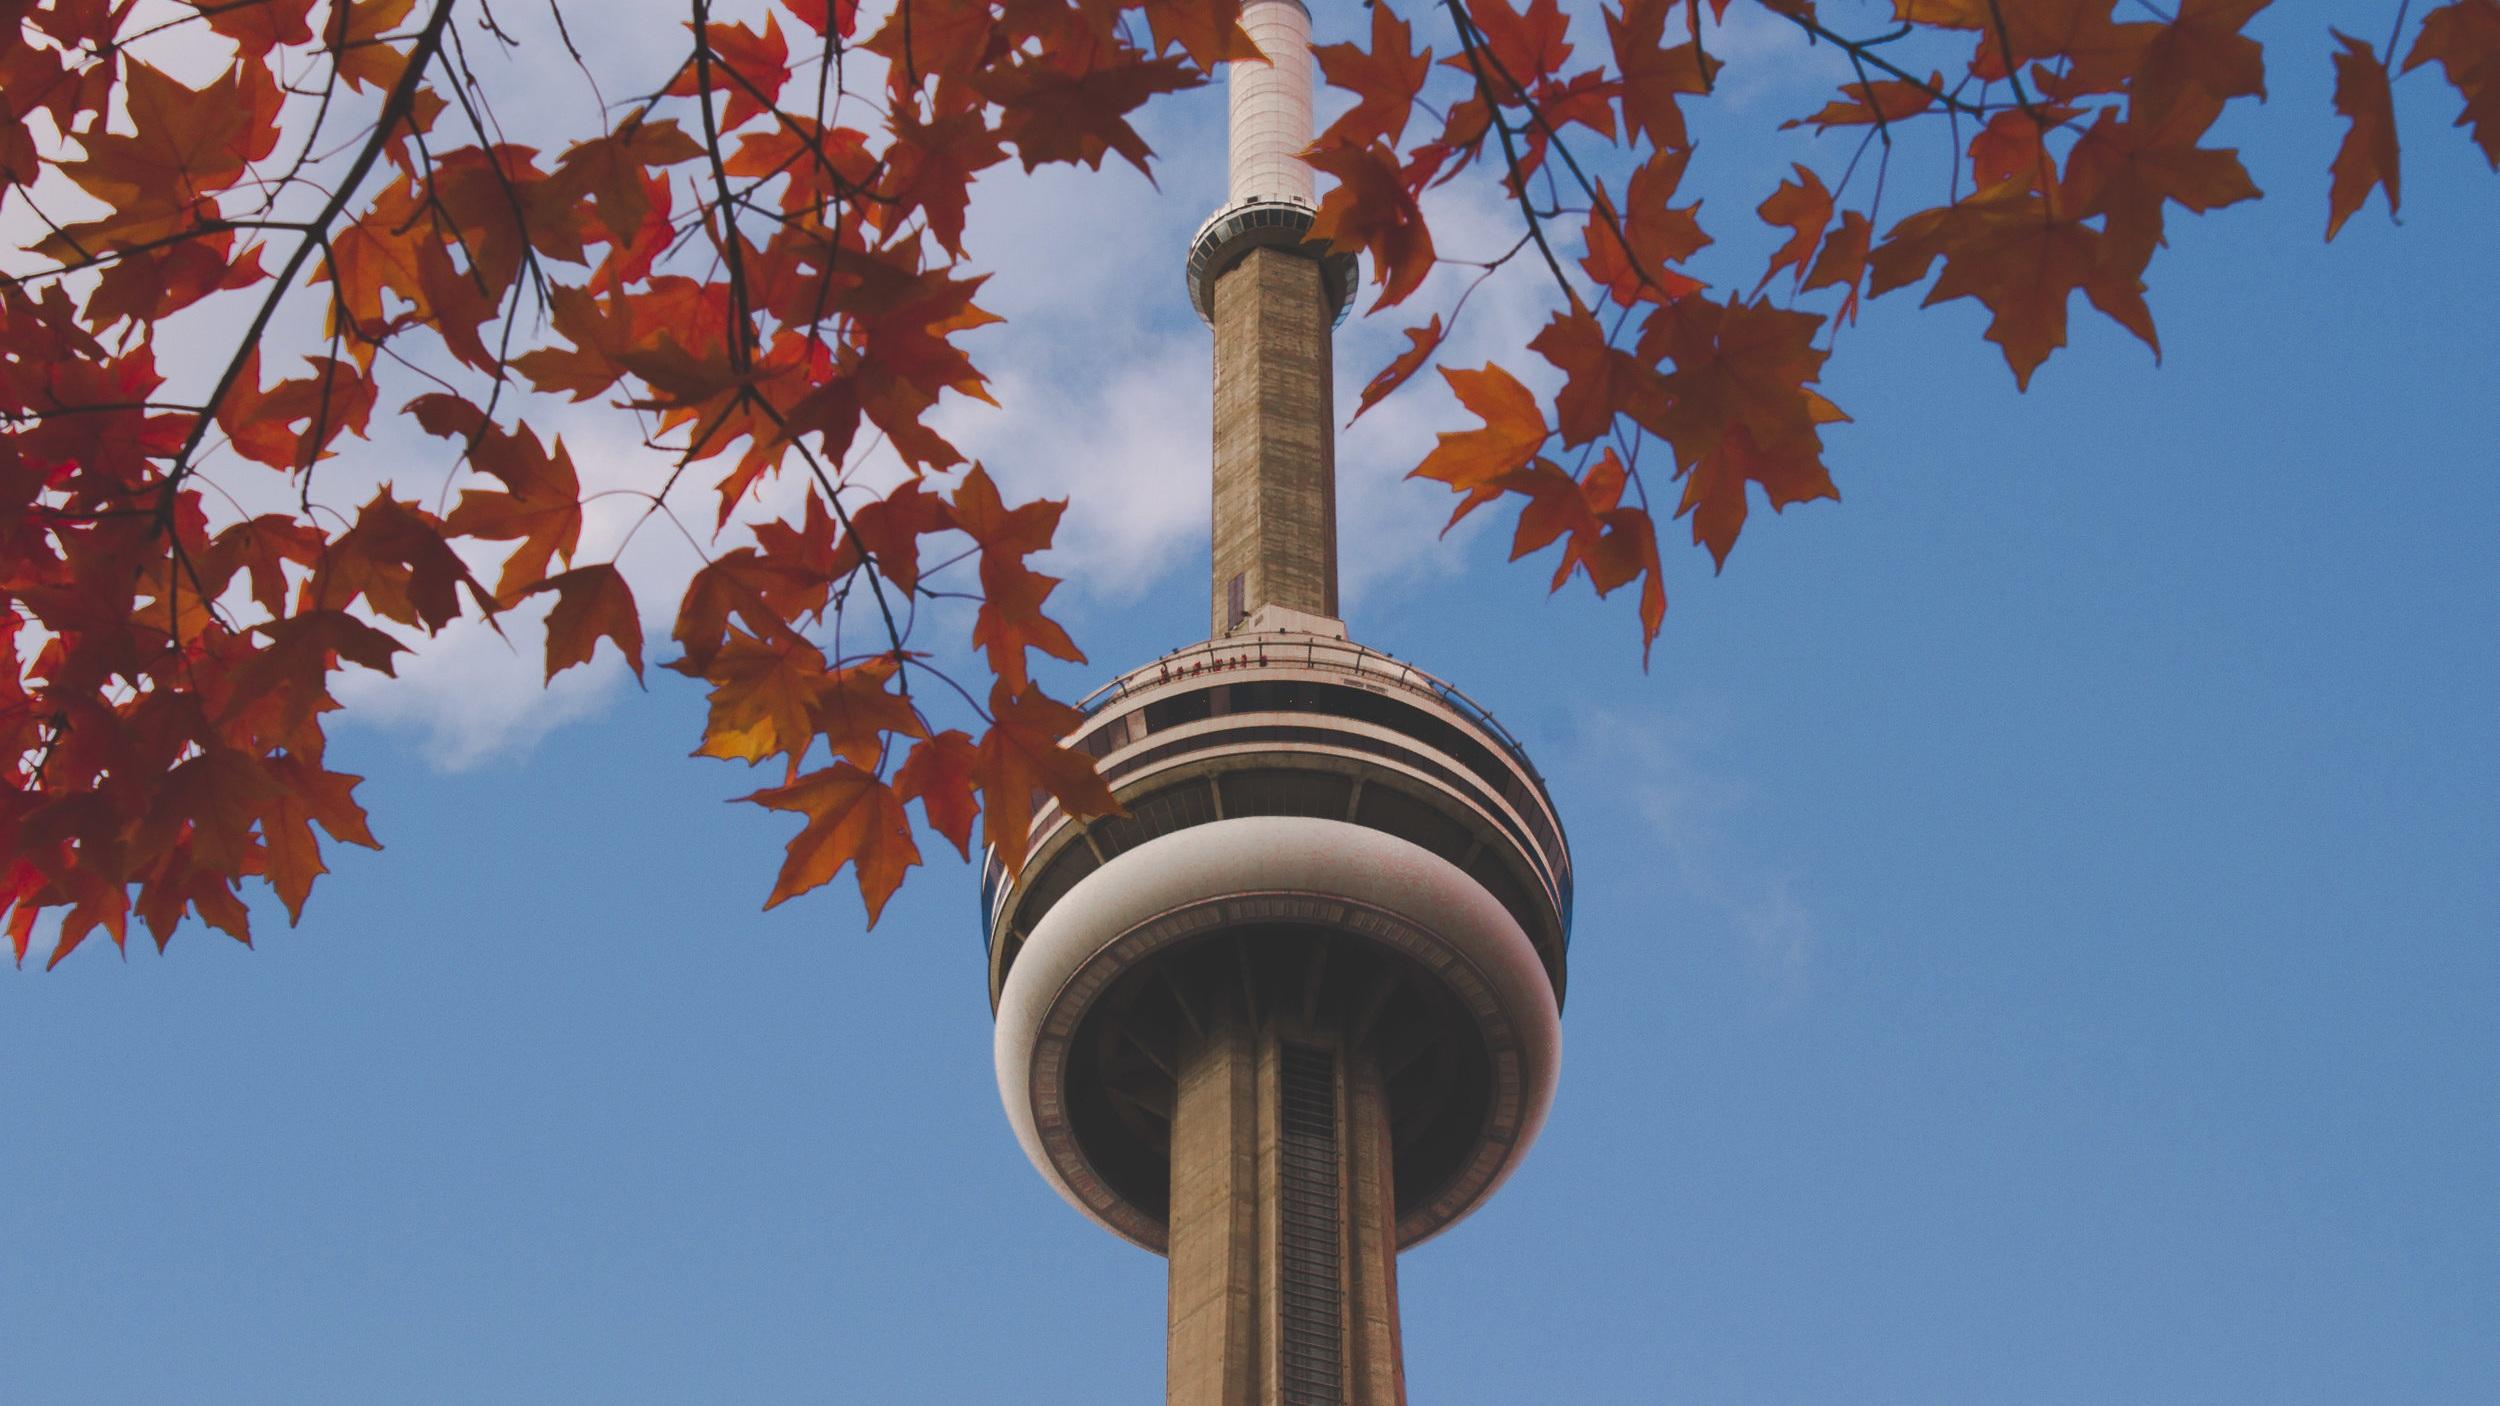 CN Tower - Torontos stora landmärke är det här 553 meter höga torn som är en TV- och radiomast. Inuti tornet kan du gå på ett glasgolv och äta i tornets roterande restaurang med hisnande utsikt.